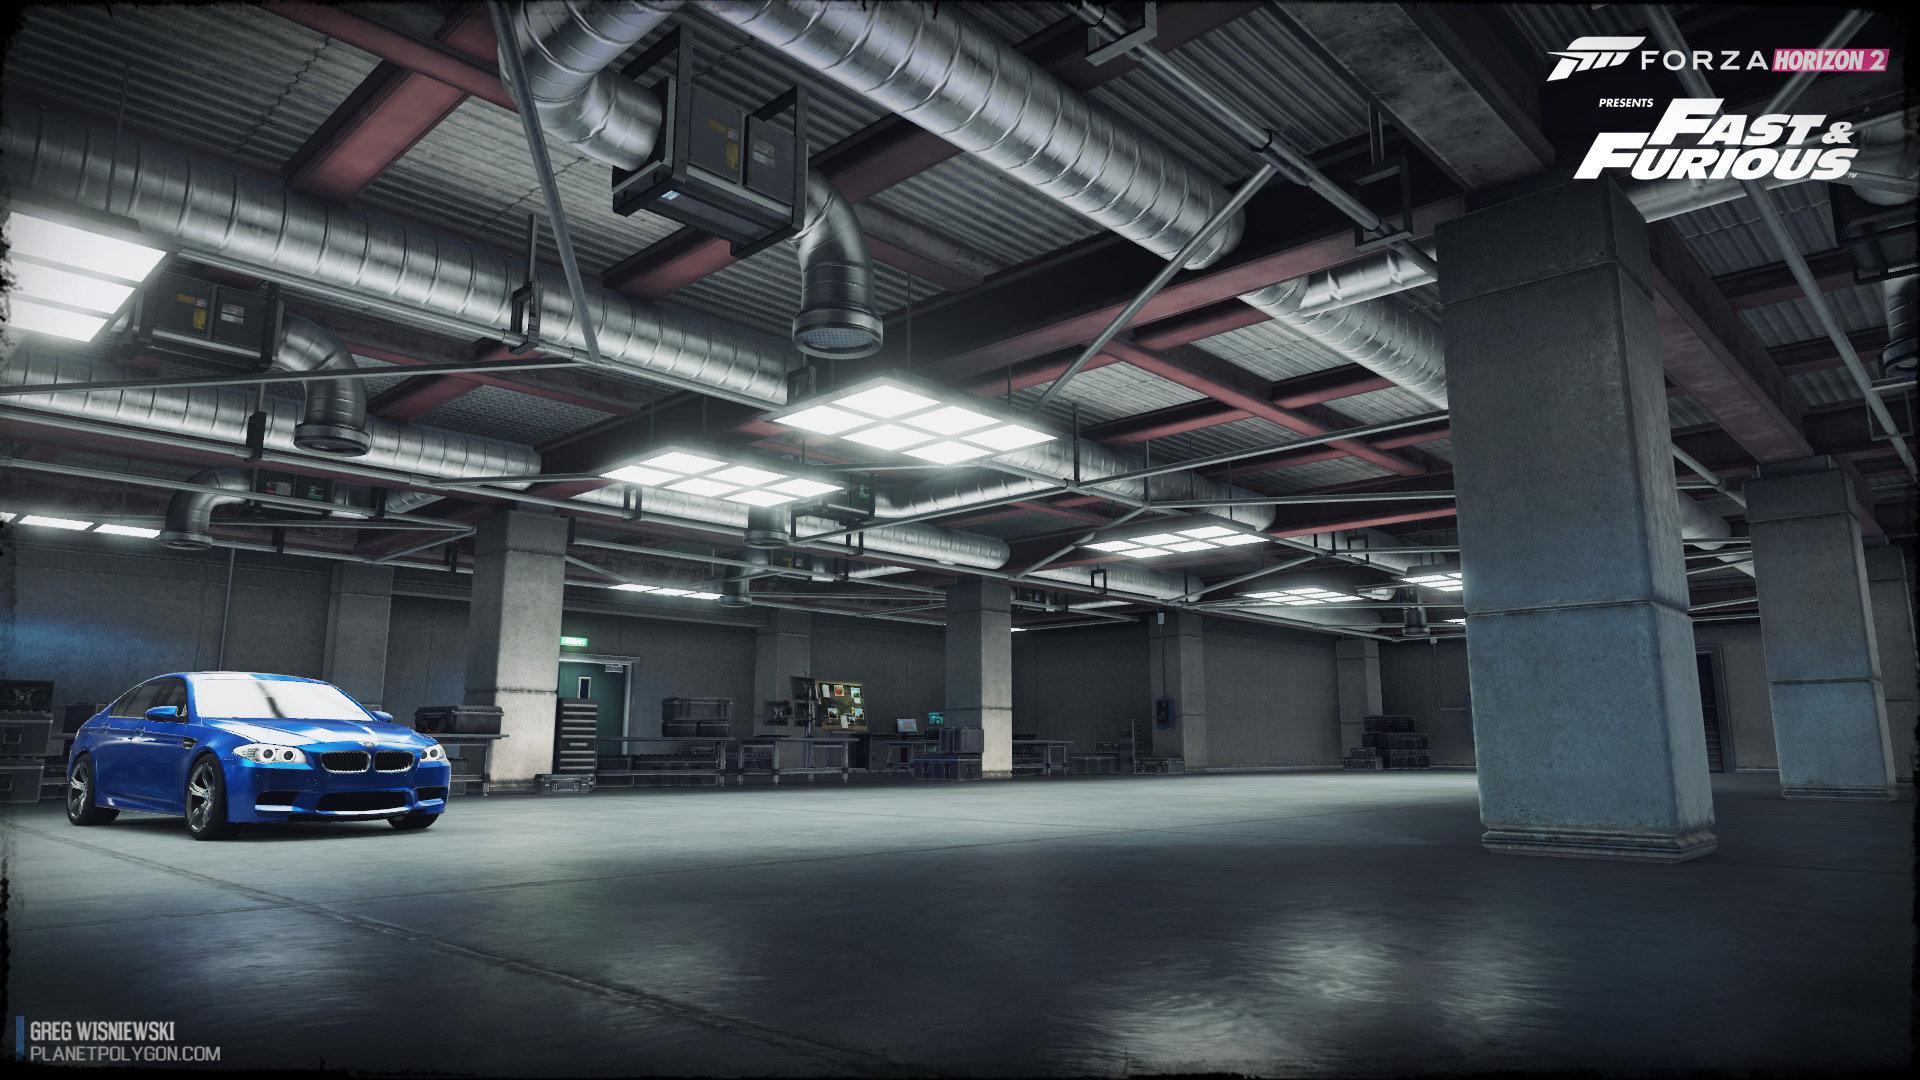 Greg Wisniewski Forza2 Garage 01